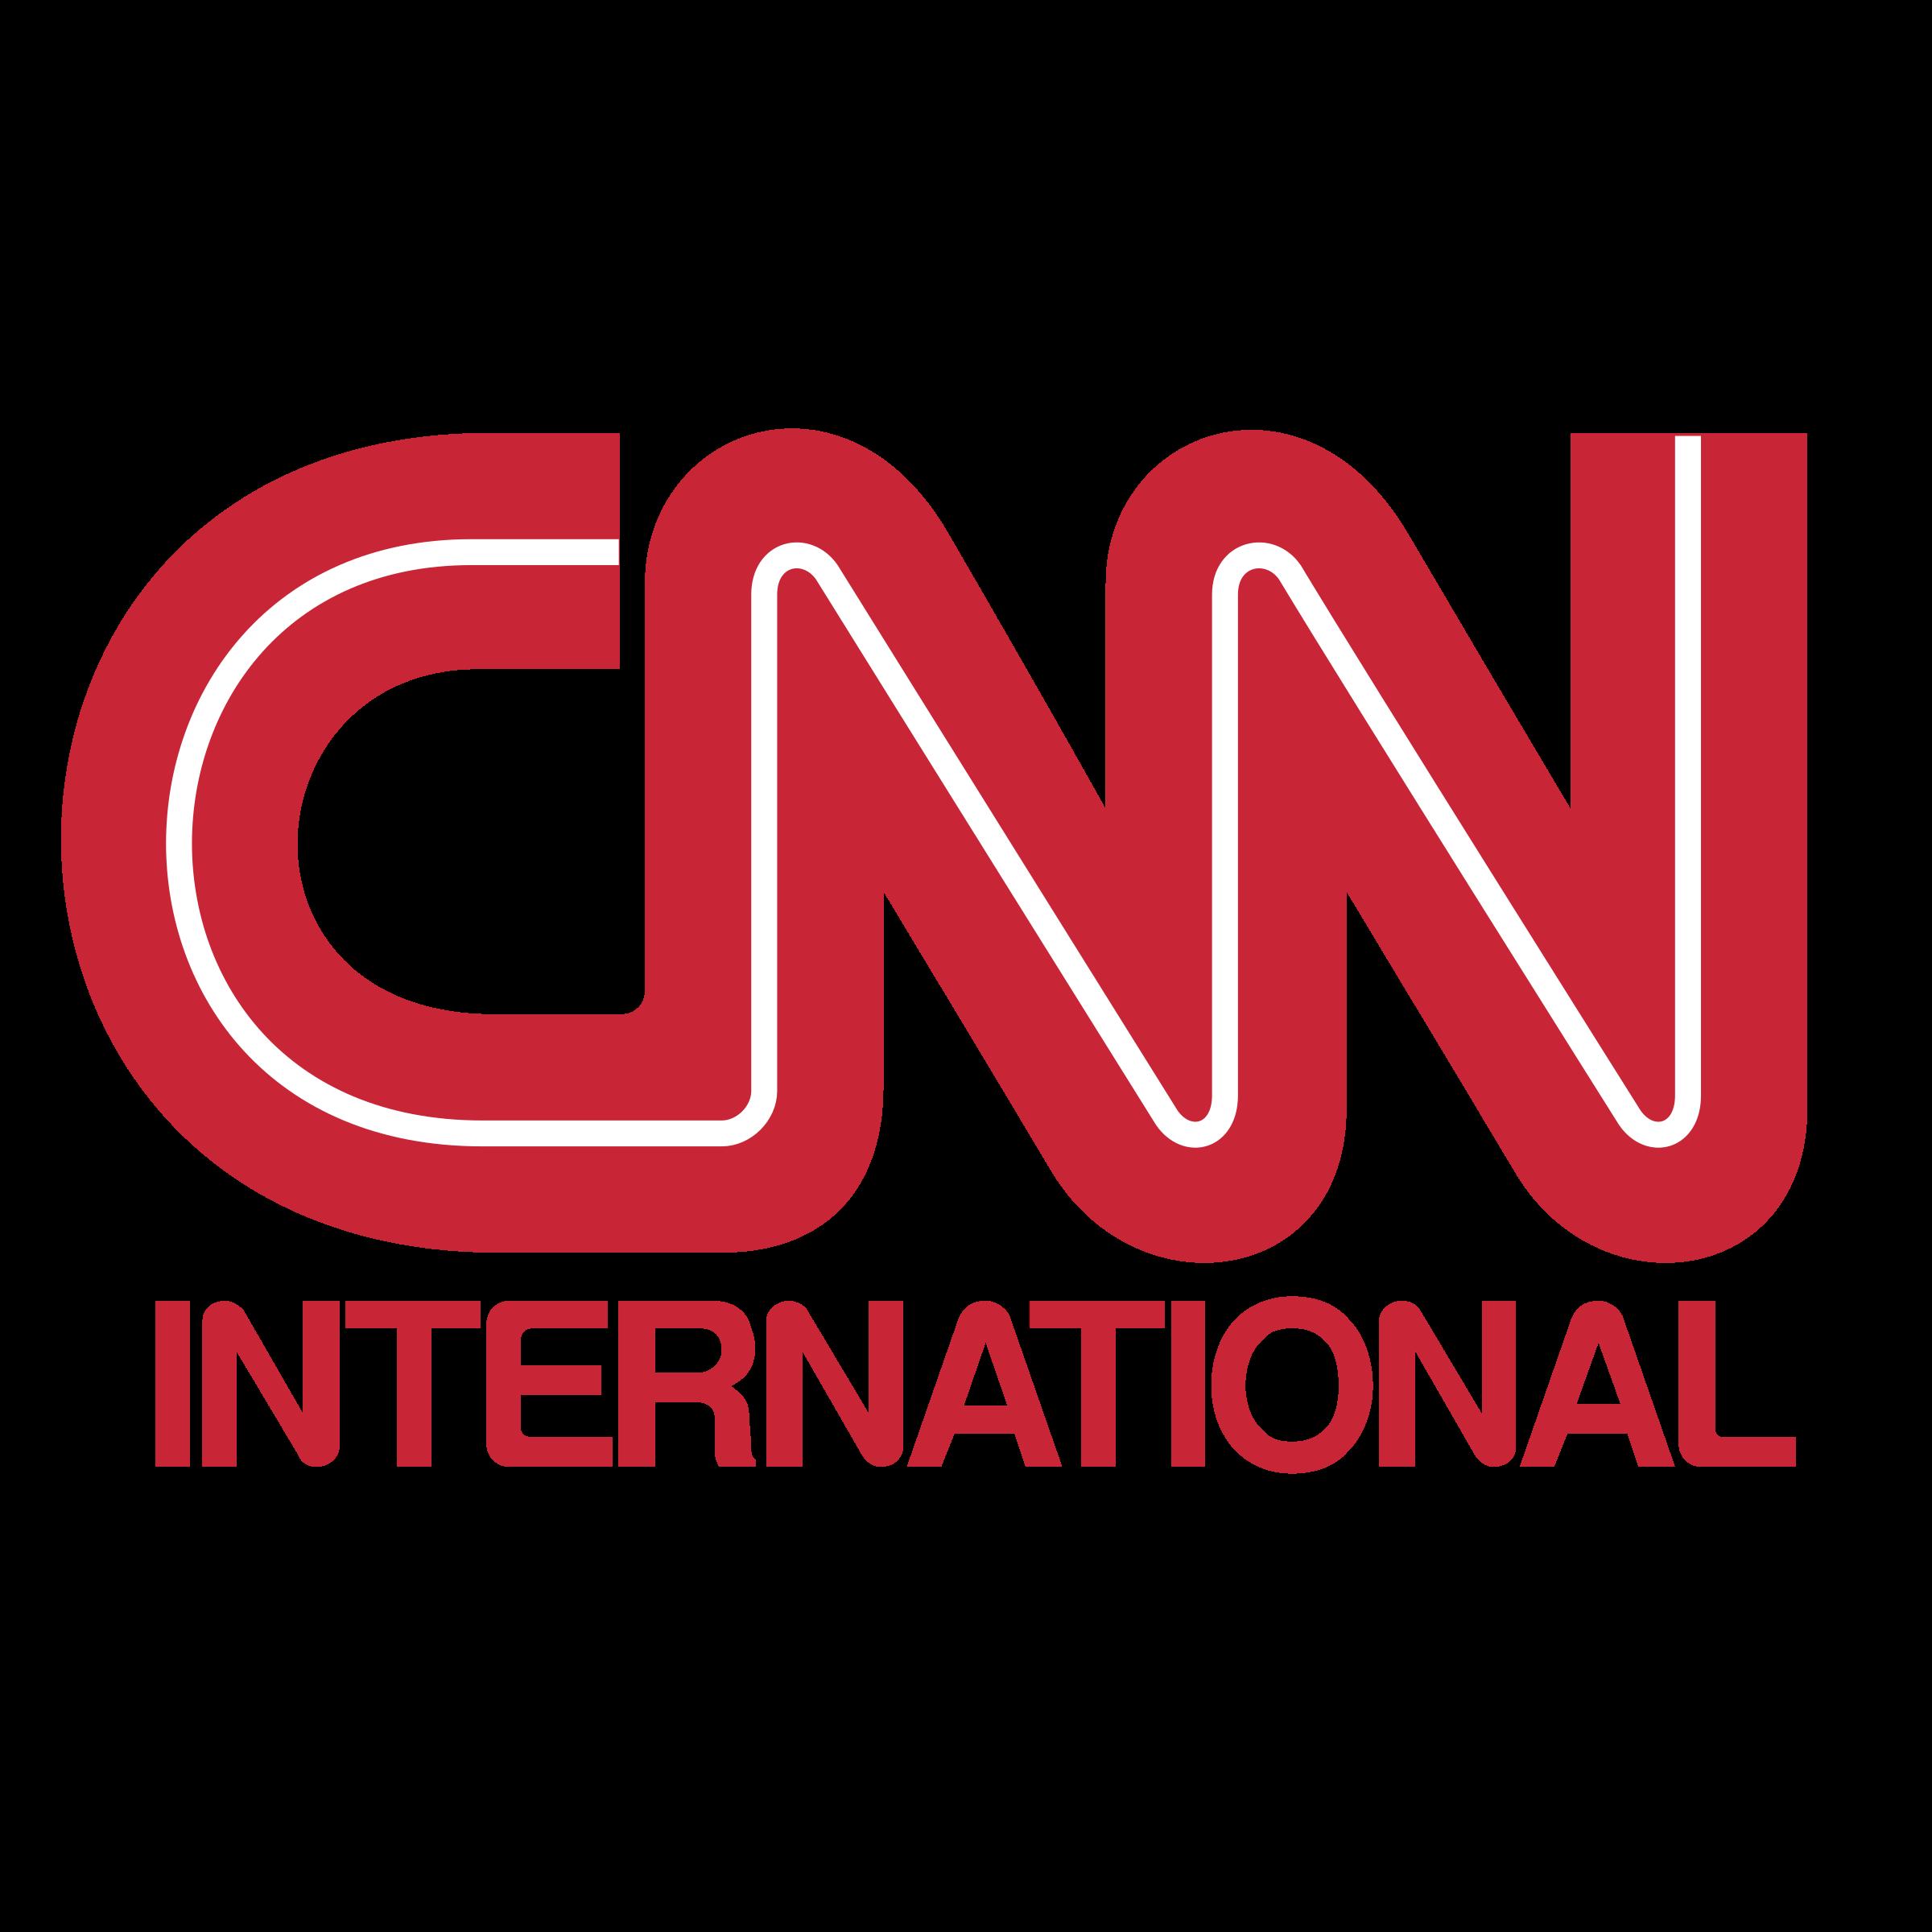 Cnn International Logo Png Transparent & Svg Vector - Pluspng Pluspng.com - Cnn Logo PNG